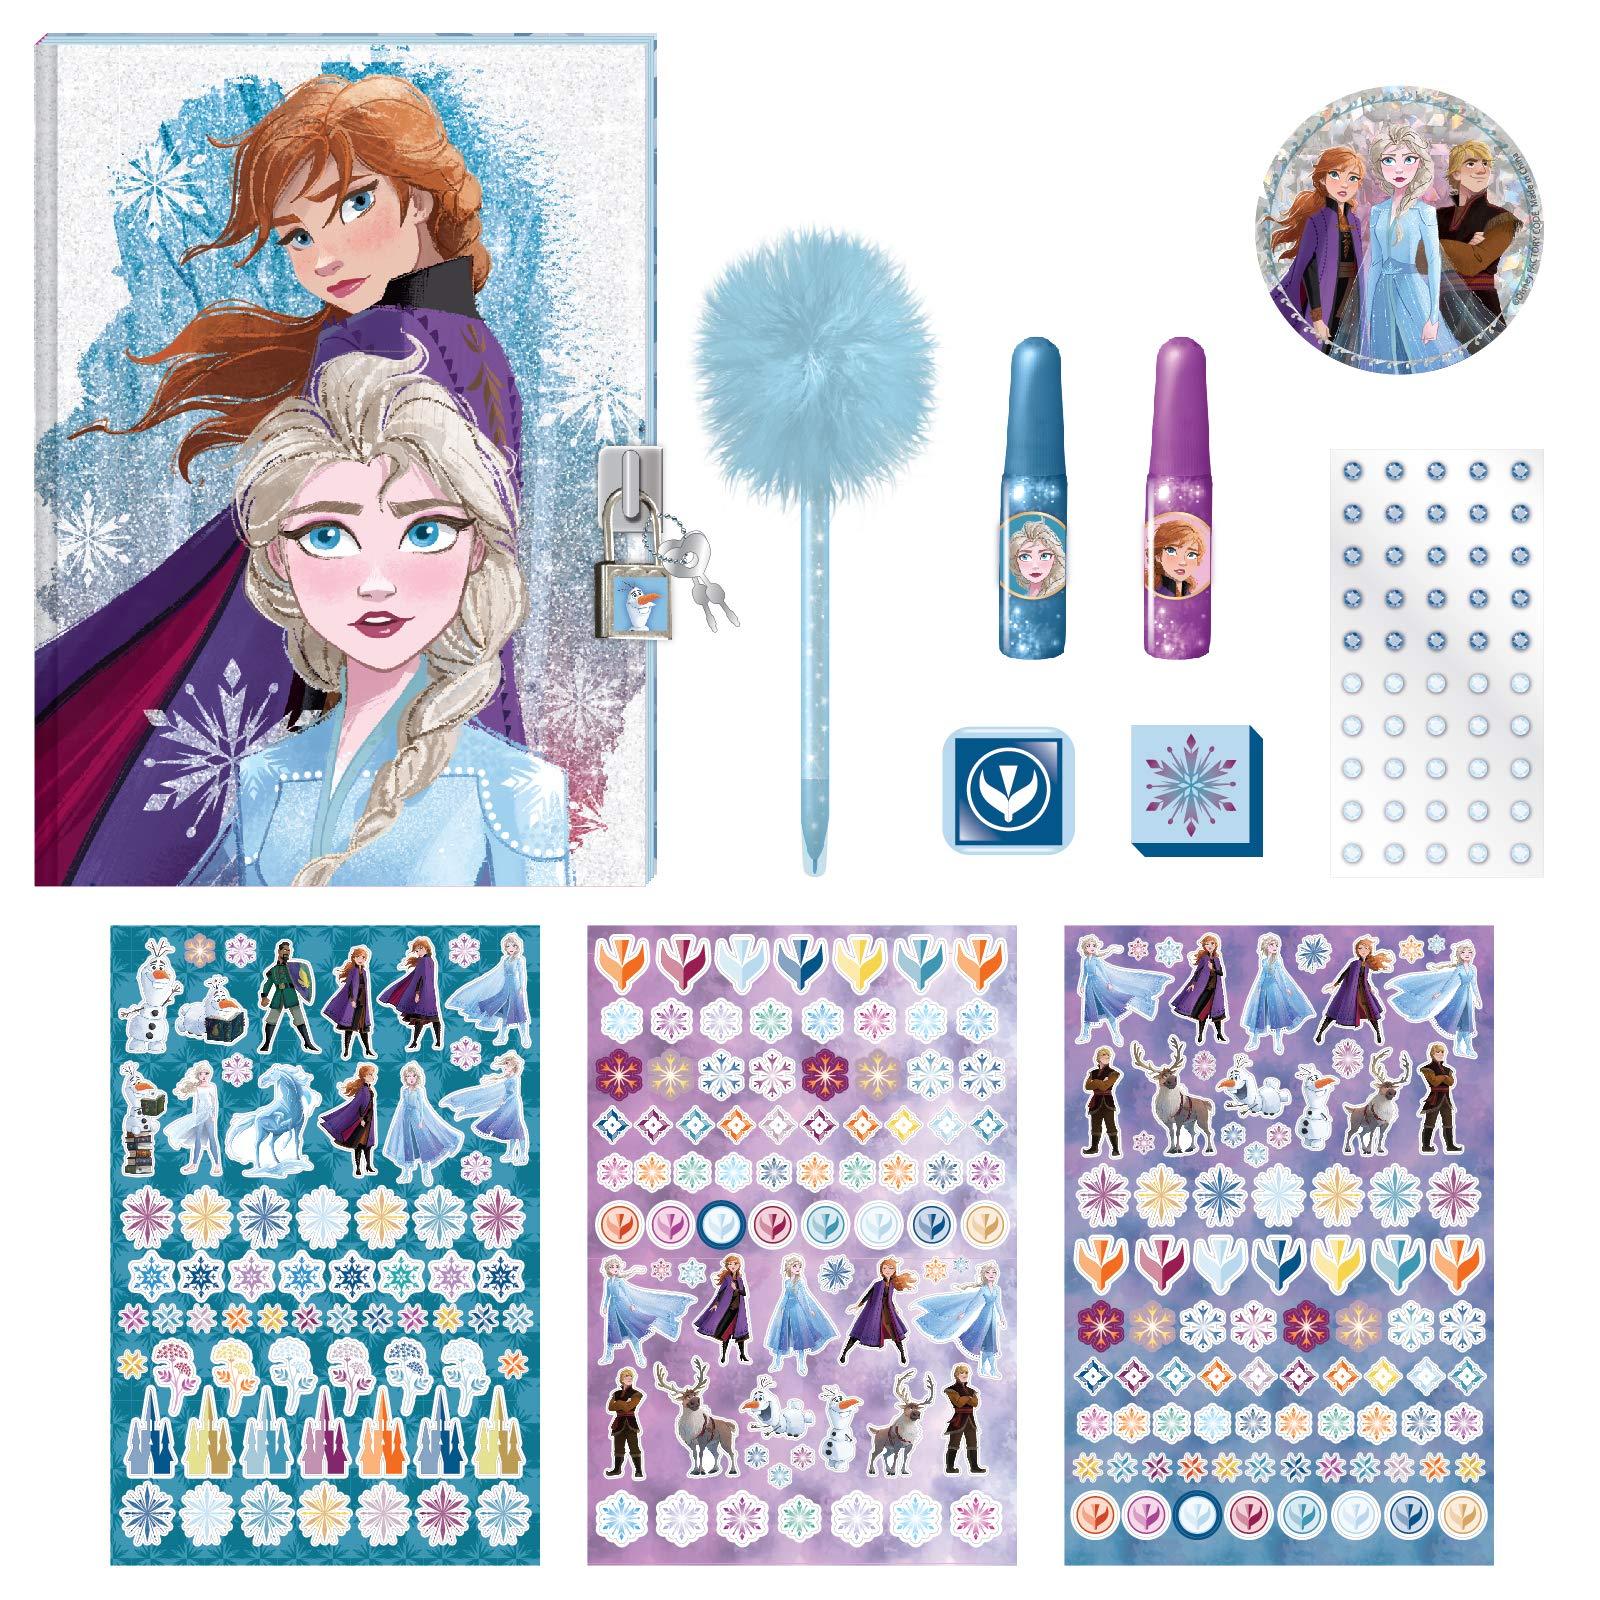 Disney Frozen 2 Journal Linen Anna and Elsa Diary